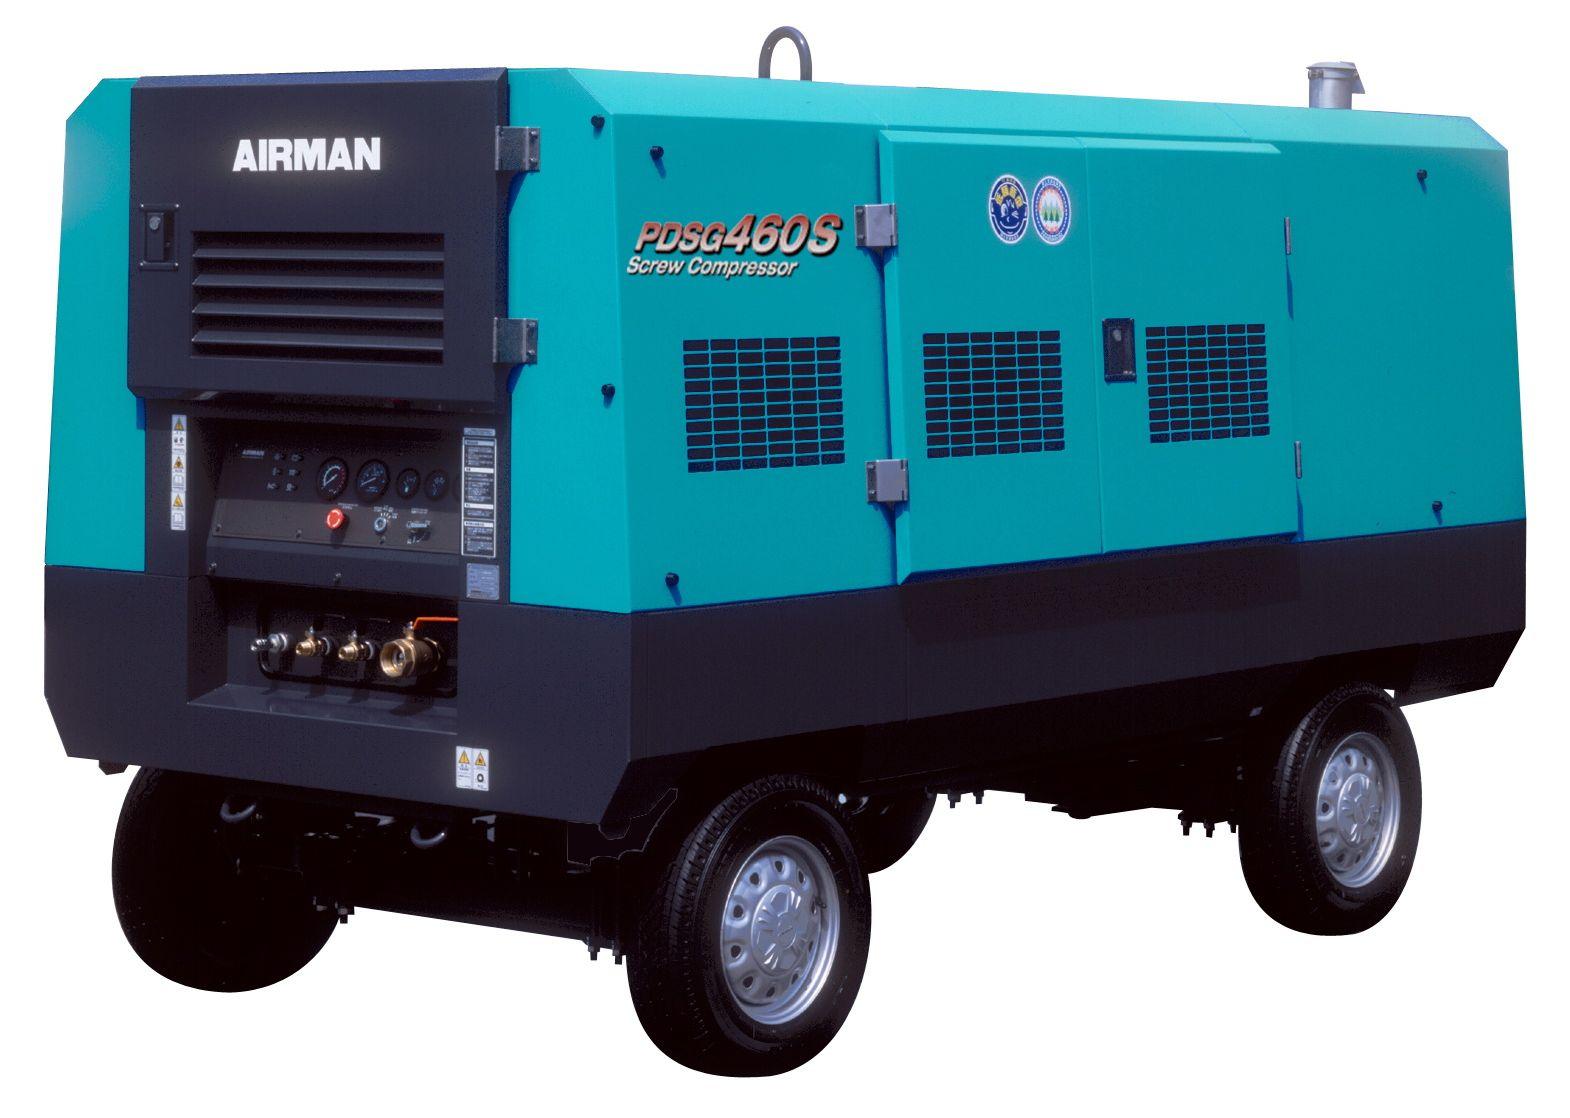 Компрессор AIRMAN PDSG460S-W на шасси